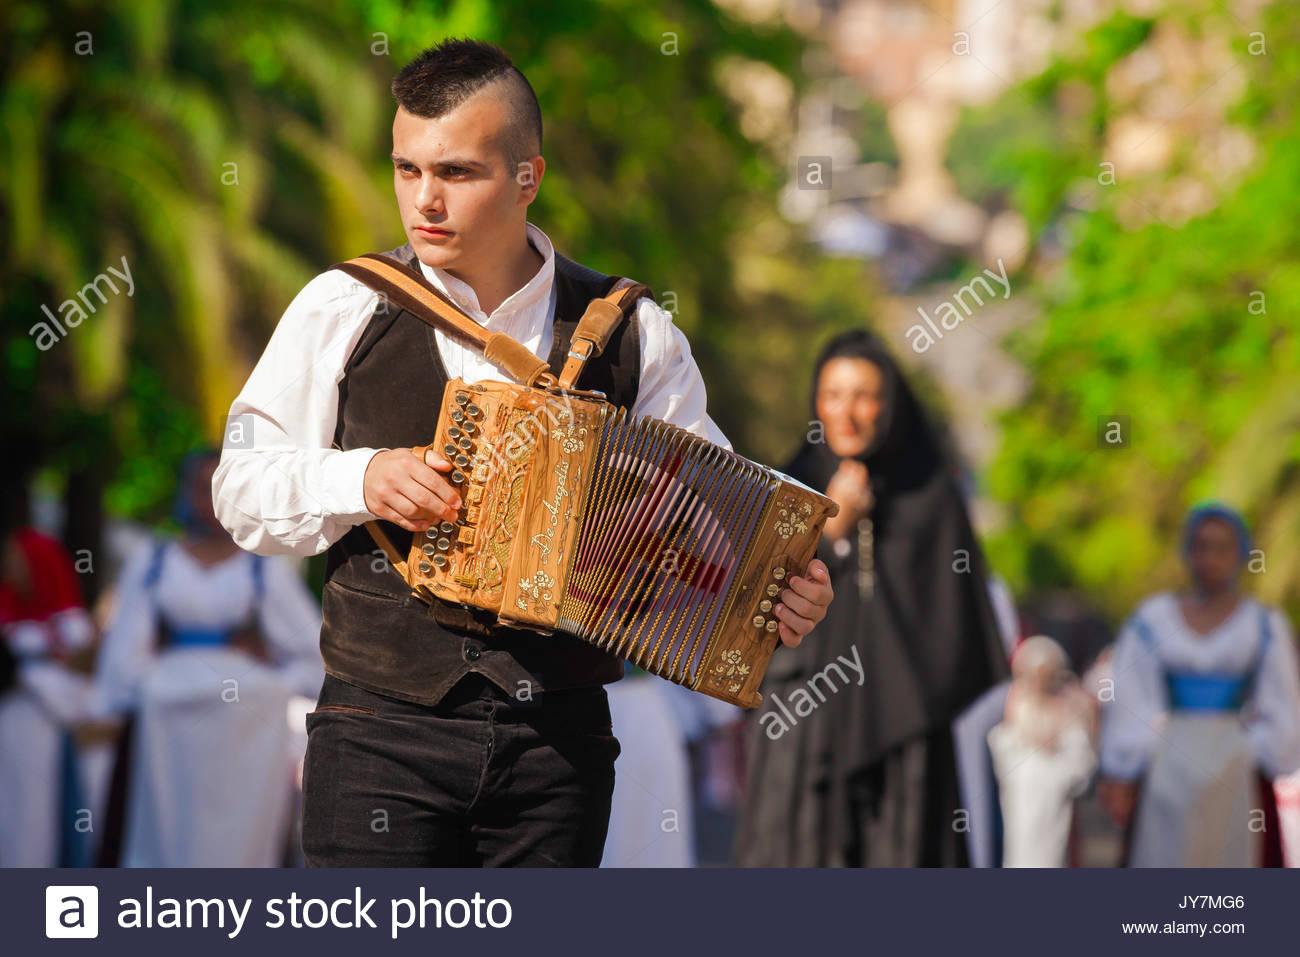 Cavalcata Sassari, ritratto di una giovane fisarmonicista giocando in gran processione de La Cavalcata festival di Sassari, Sardegna. Immagini Stock